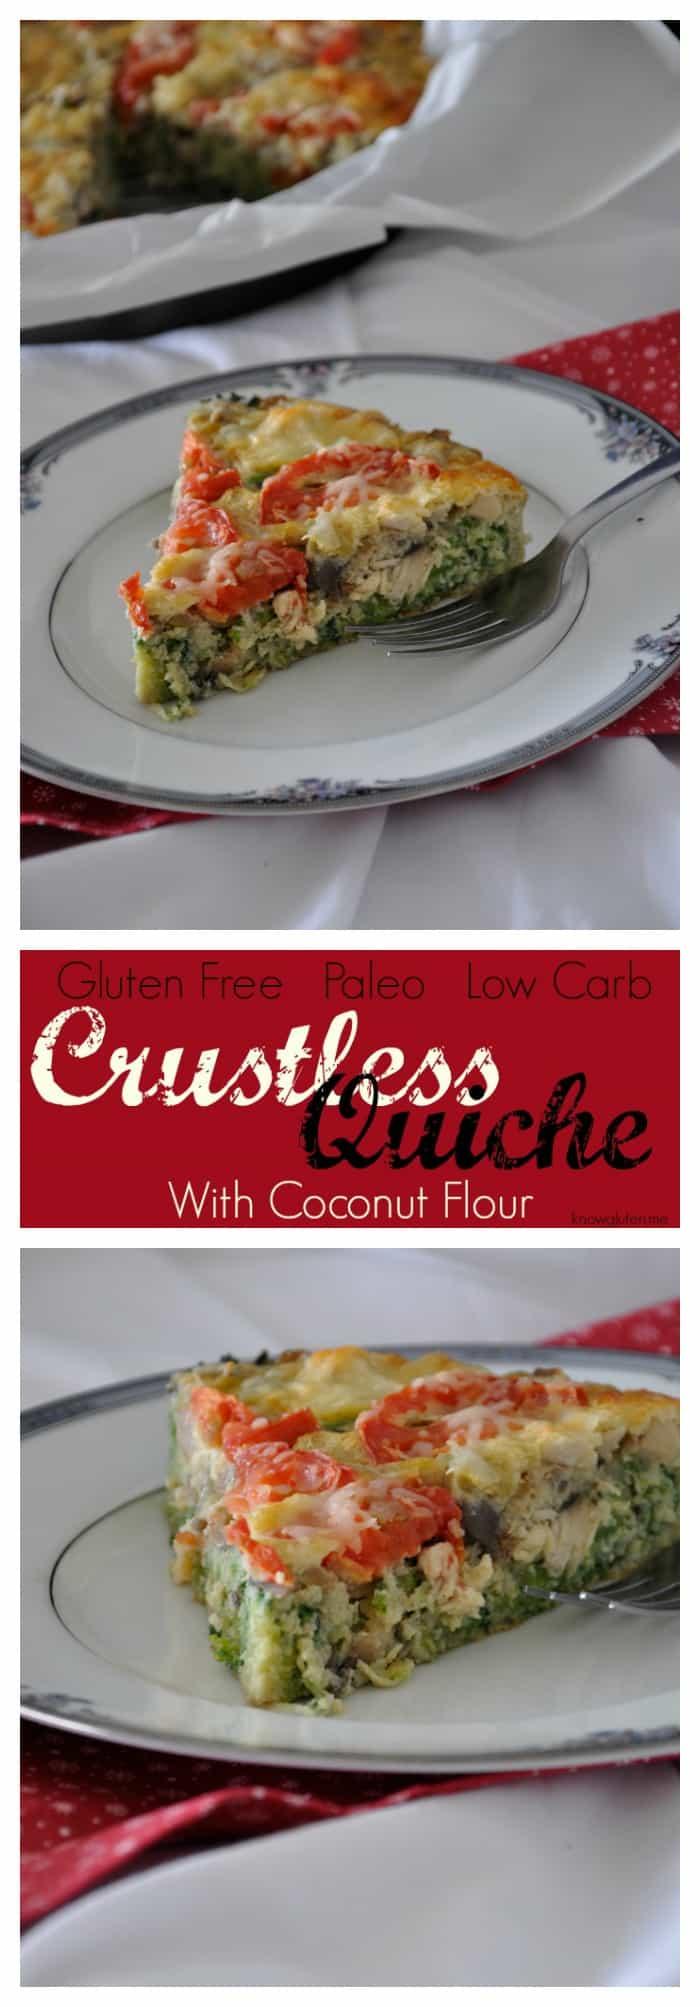 Gluten Free, Grain Free, Paleo Crustless Quiche